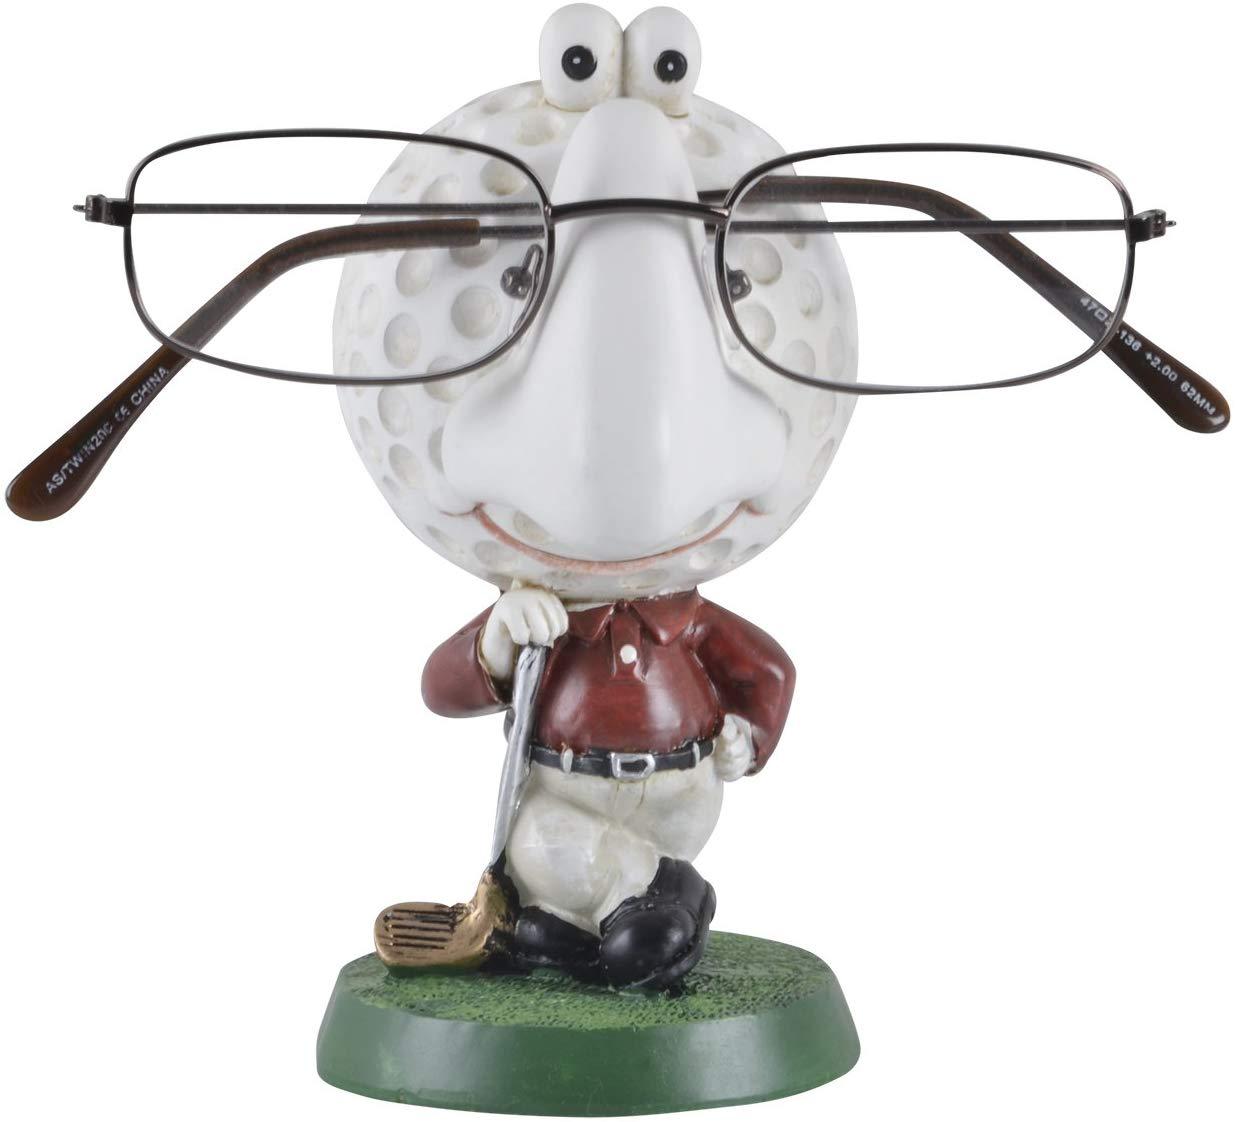 Mr Crimbo Novelty Reading Glasses Holder Figure, Golf